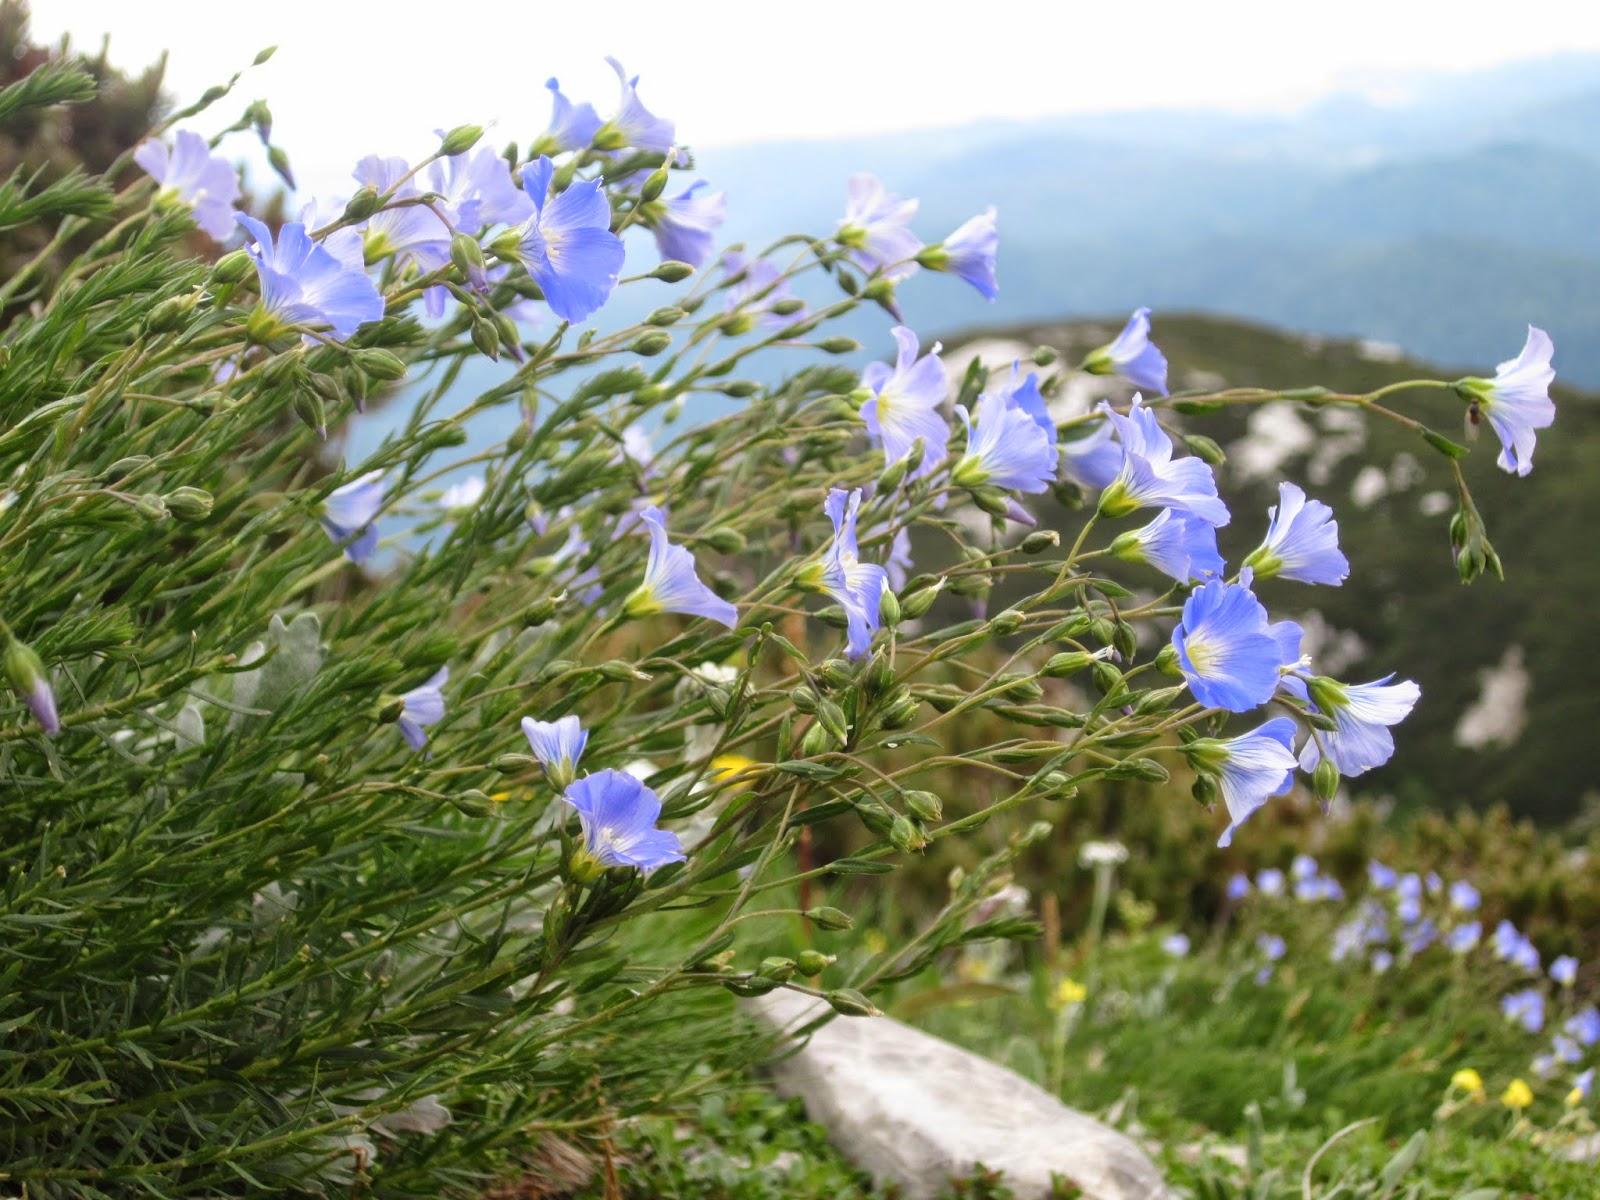 Concorso fotografico: Flora e paesaggi naturali del Litorale Austriaco e dei territori contermini